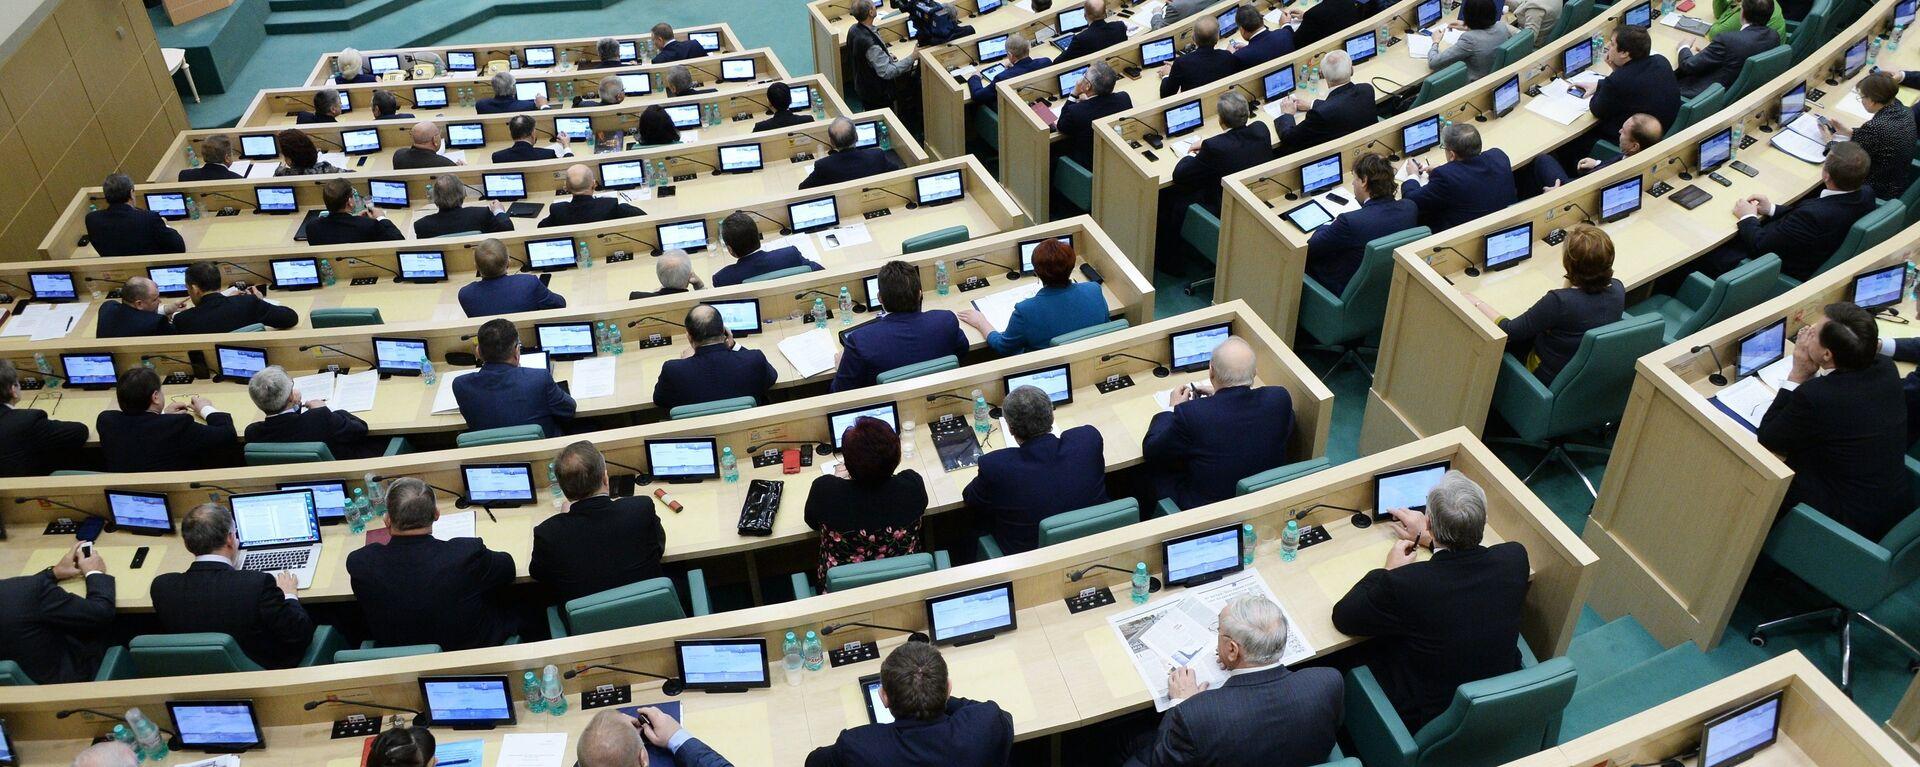 Sesión del Senado de Rusia (Archivo) - Sputnik Mundo, 1920, 01.07.2021